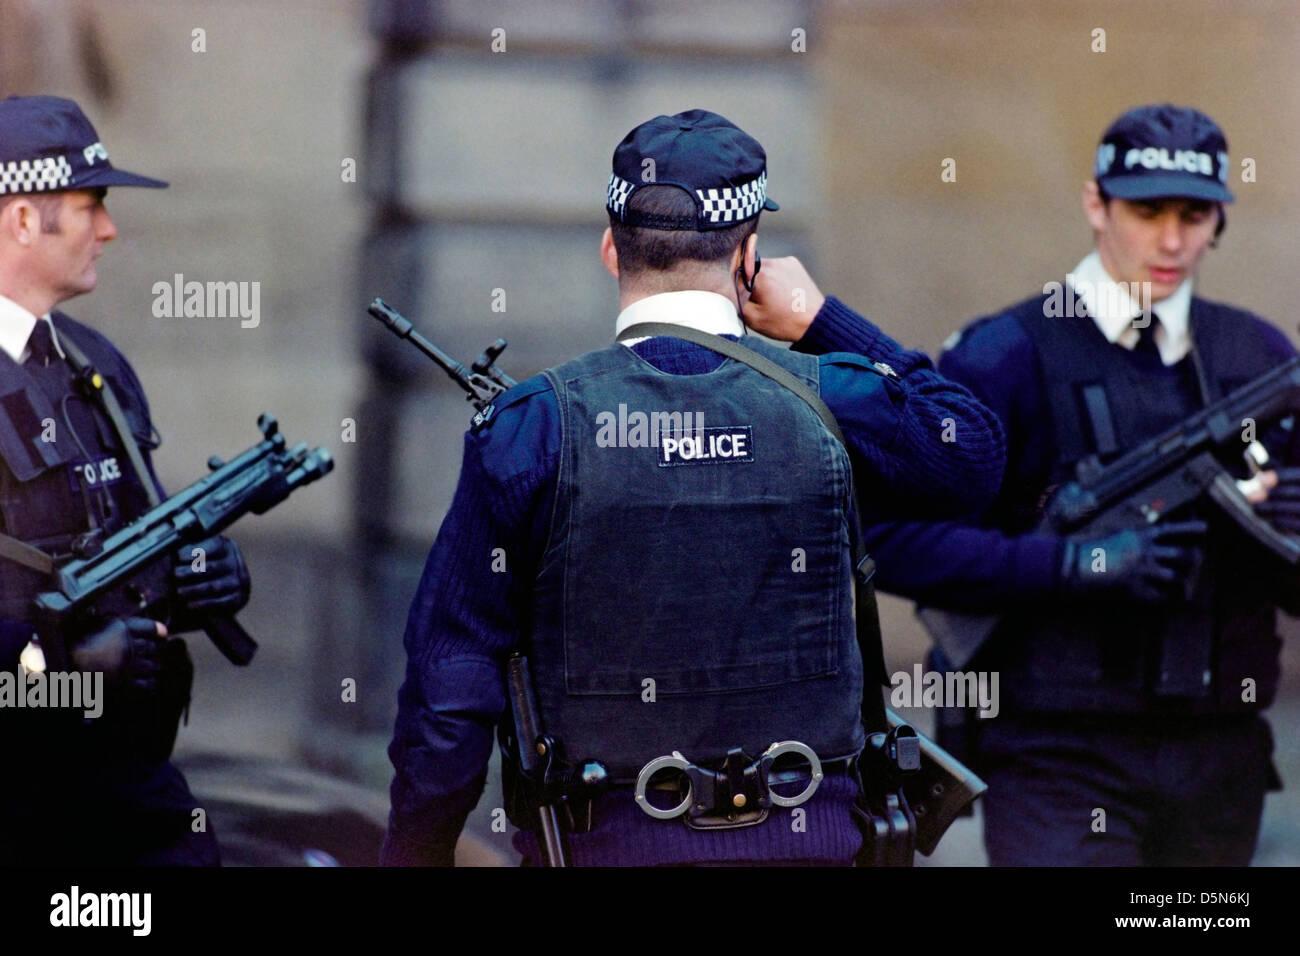 La polizia armata ha distribuito al di fuori dell Alta Corte di Edimburgo, in Scozia. Immagini Stock